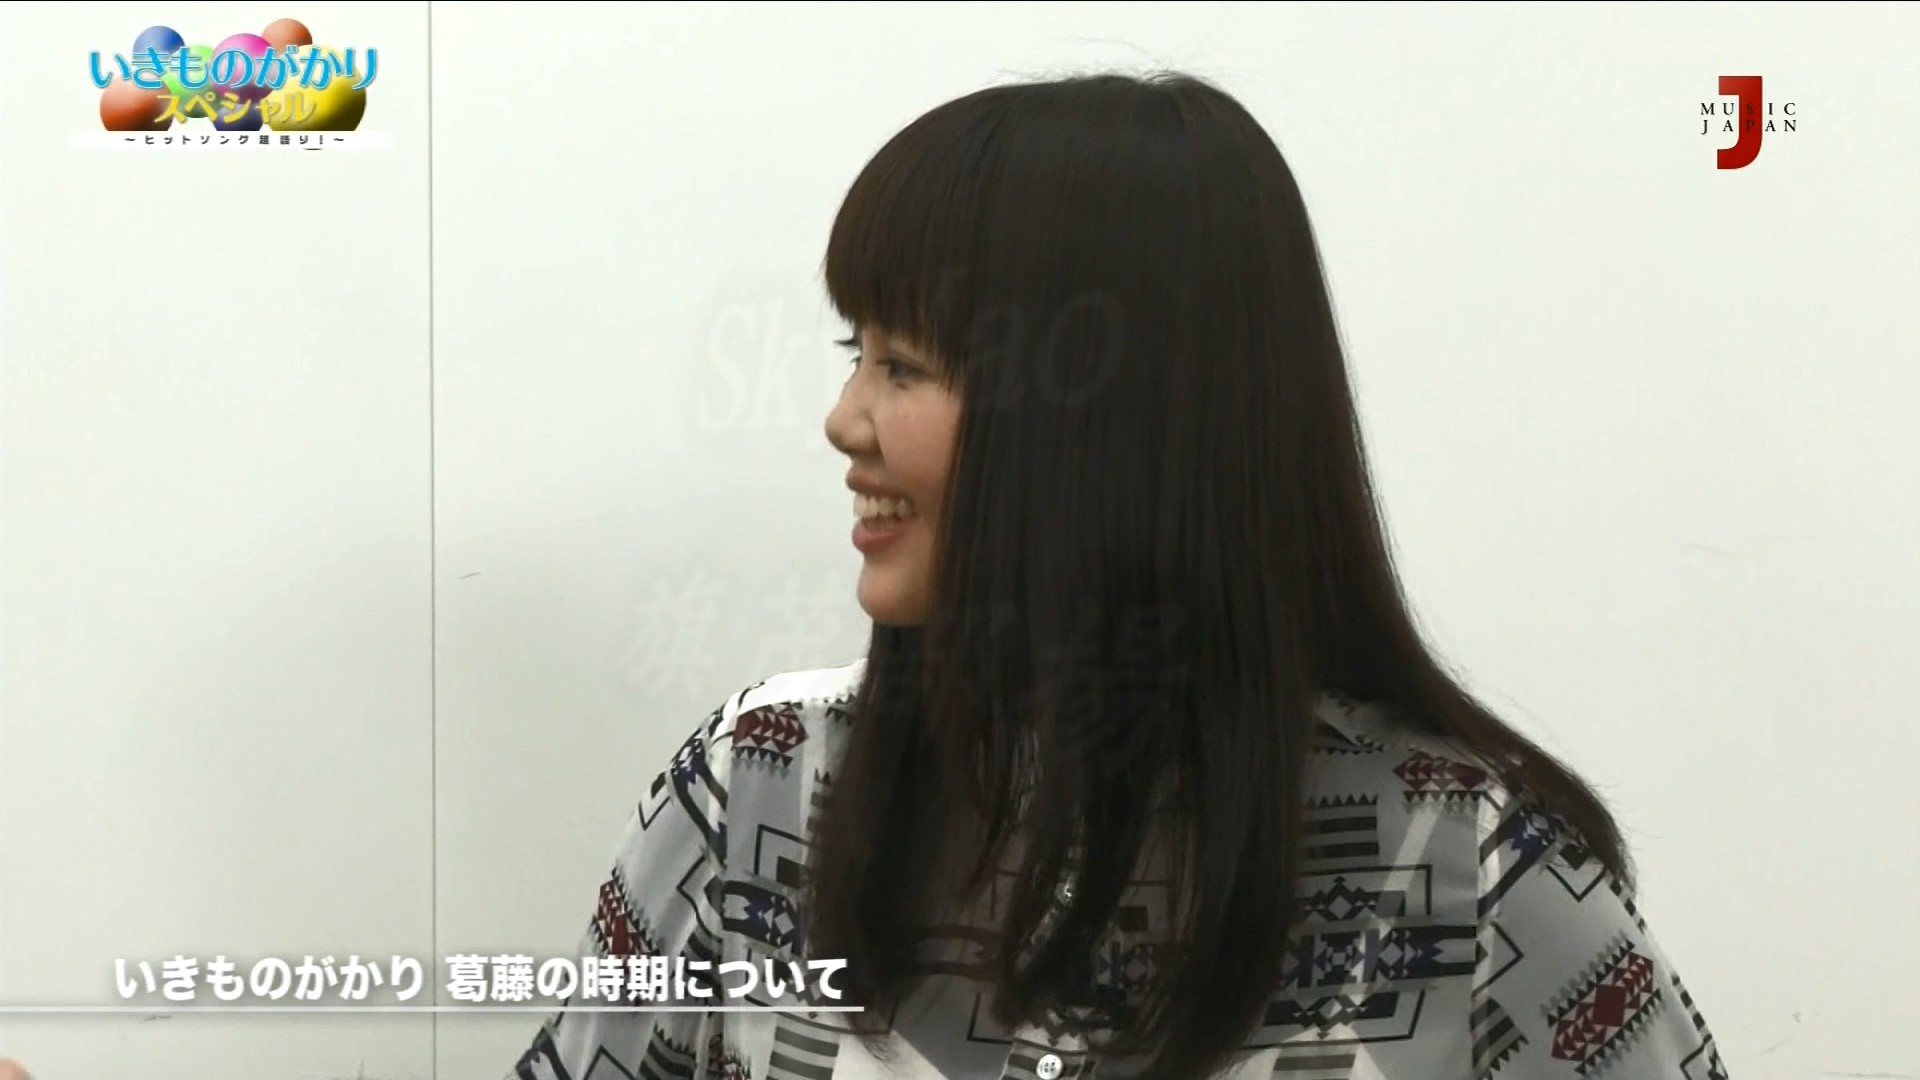 2016.05.07 いきものがかり スペシャル(MJTV).ts_20160507_185750.903